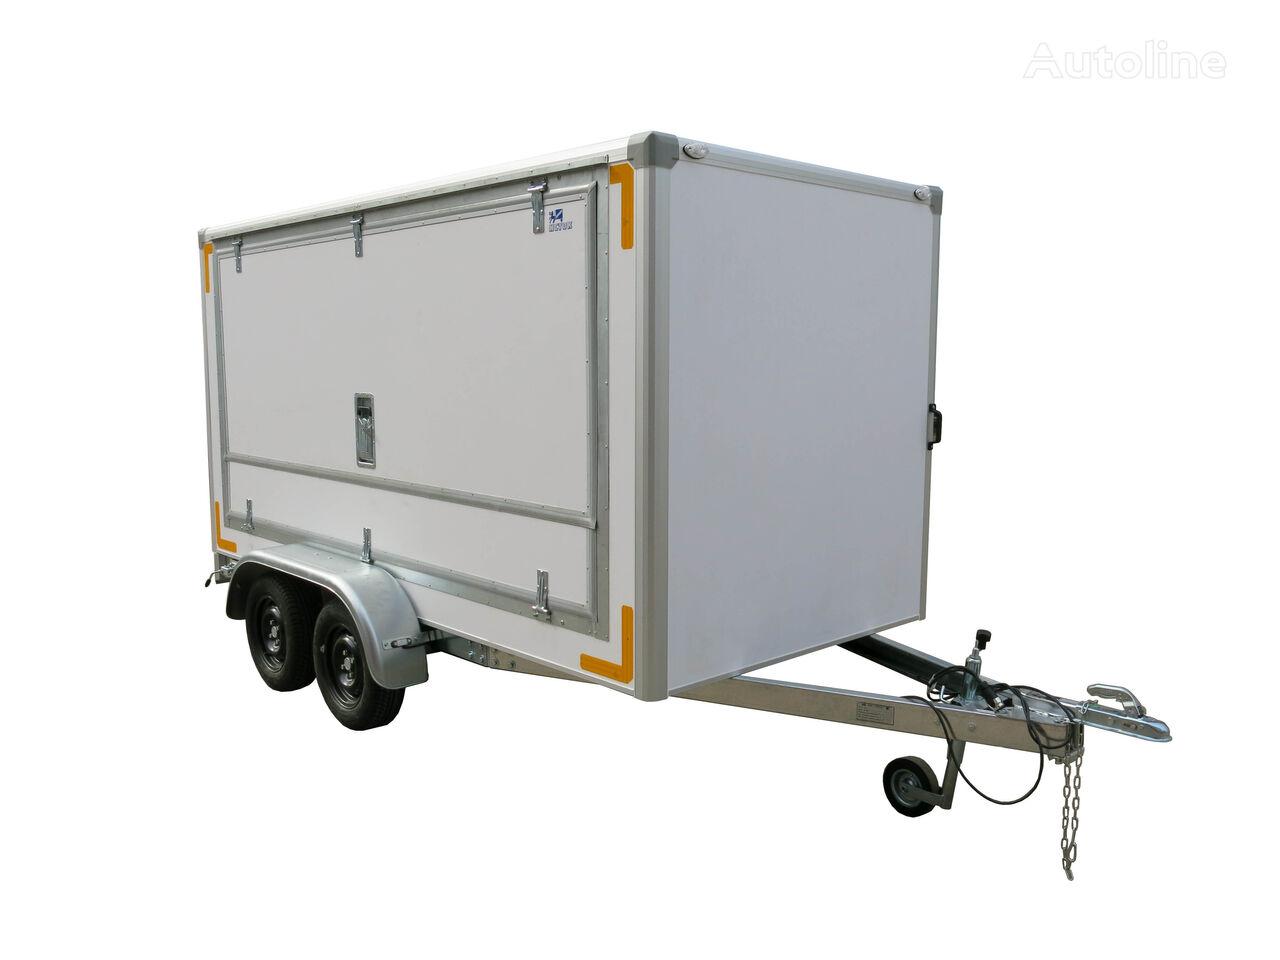 new ISTOK 3792M4 vending trailer